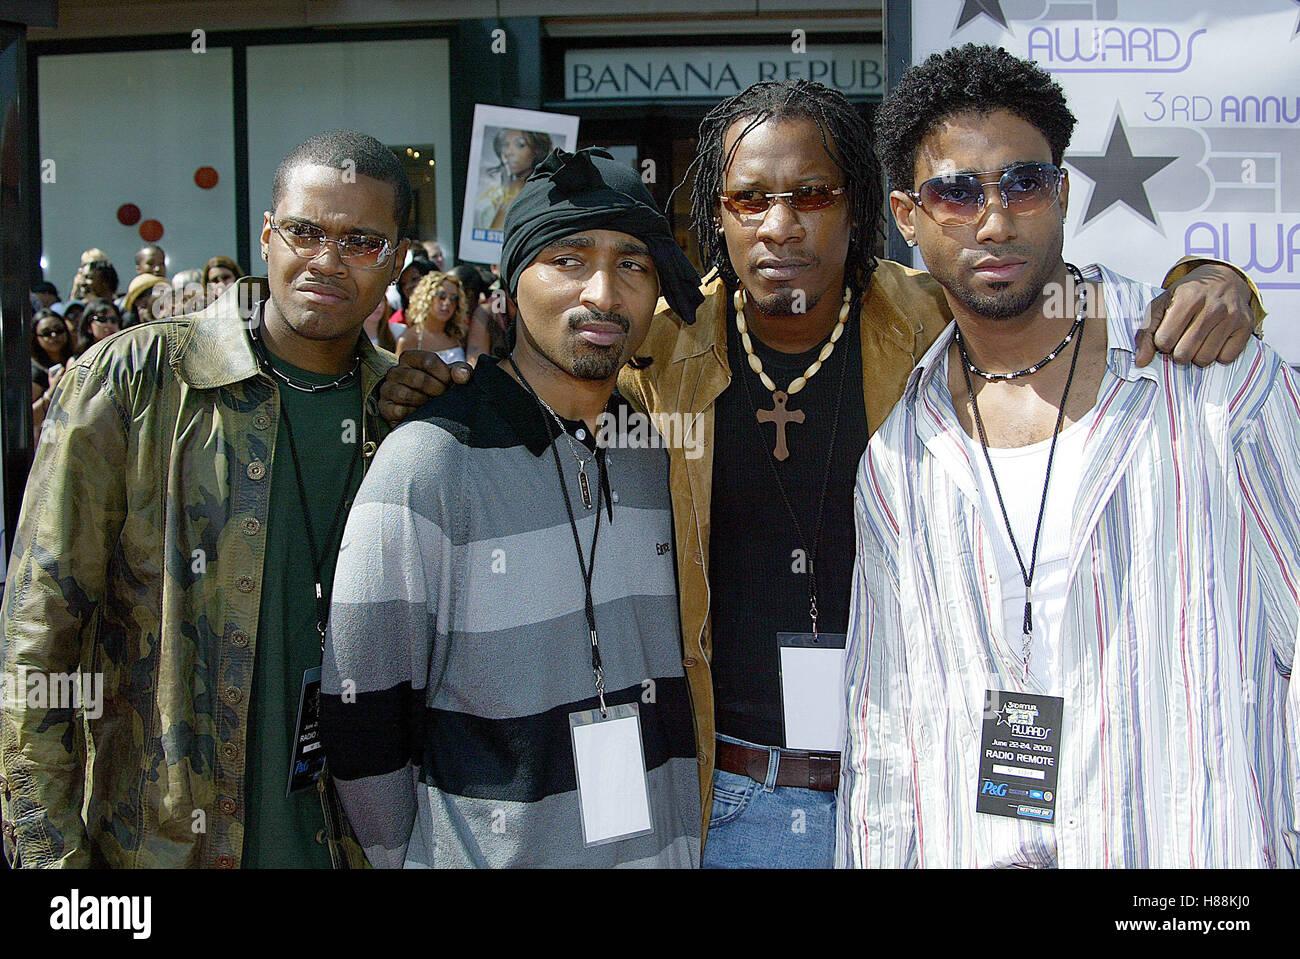 AZ eppure 3RD ANNUALE PREMI BET Kodak Theatre Hollywood LOS ANGELES STATI UNITI D'AMERICA 24 giugno 2003 Immagini Stock